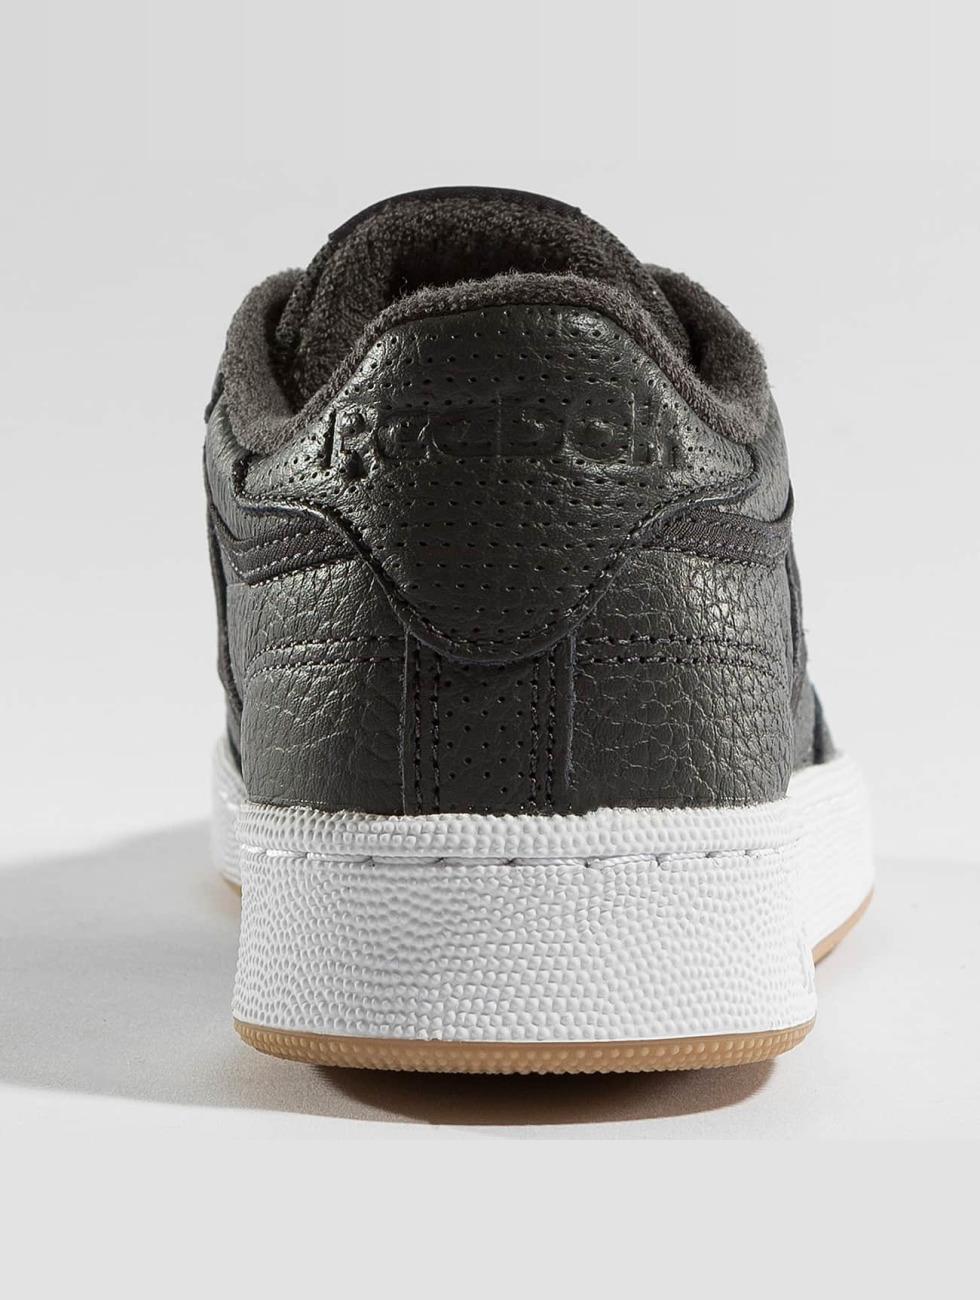 Reebok schoen / sneaker Club C 85 Estl in grijs 419751 goedkoop Winkelen Voor Eastbay Goedkope Online yDOo8sD2Gj